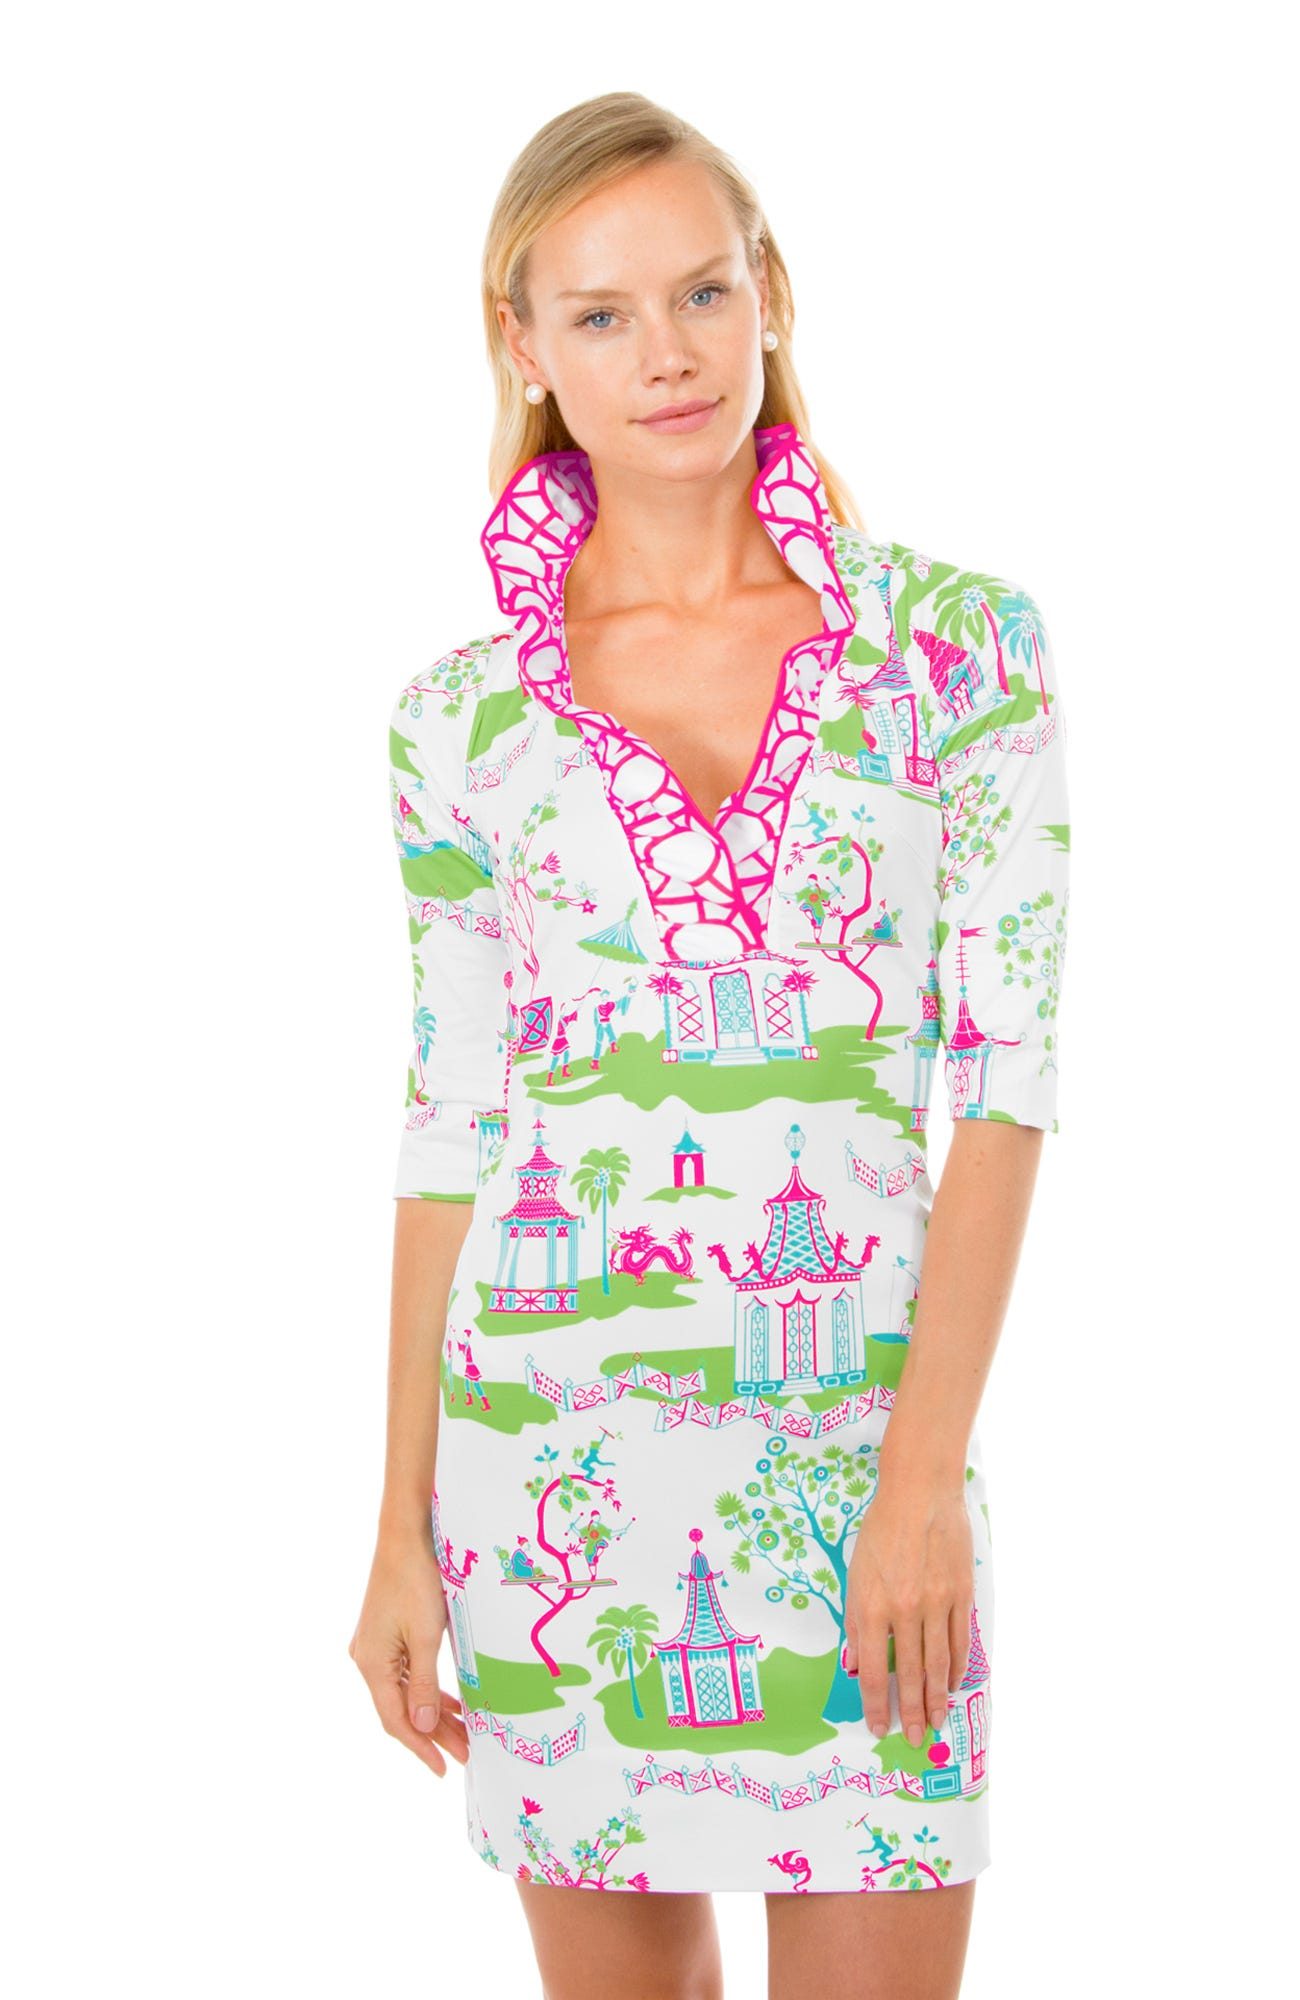 Ruffneck Jersey Dress - Pagoda Paradise